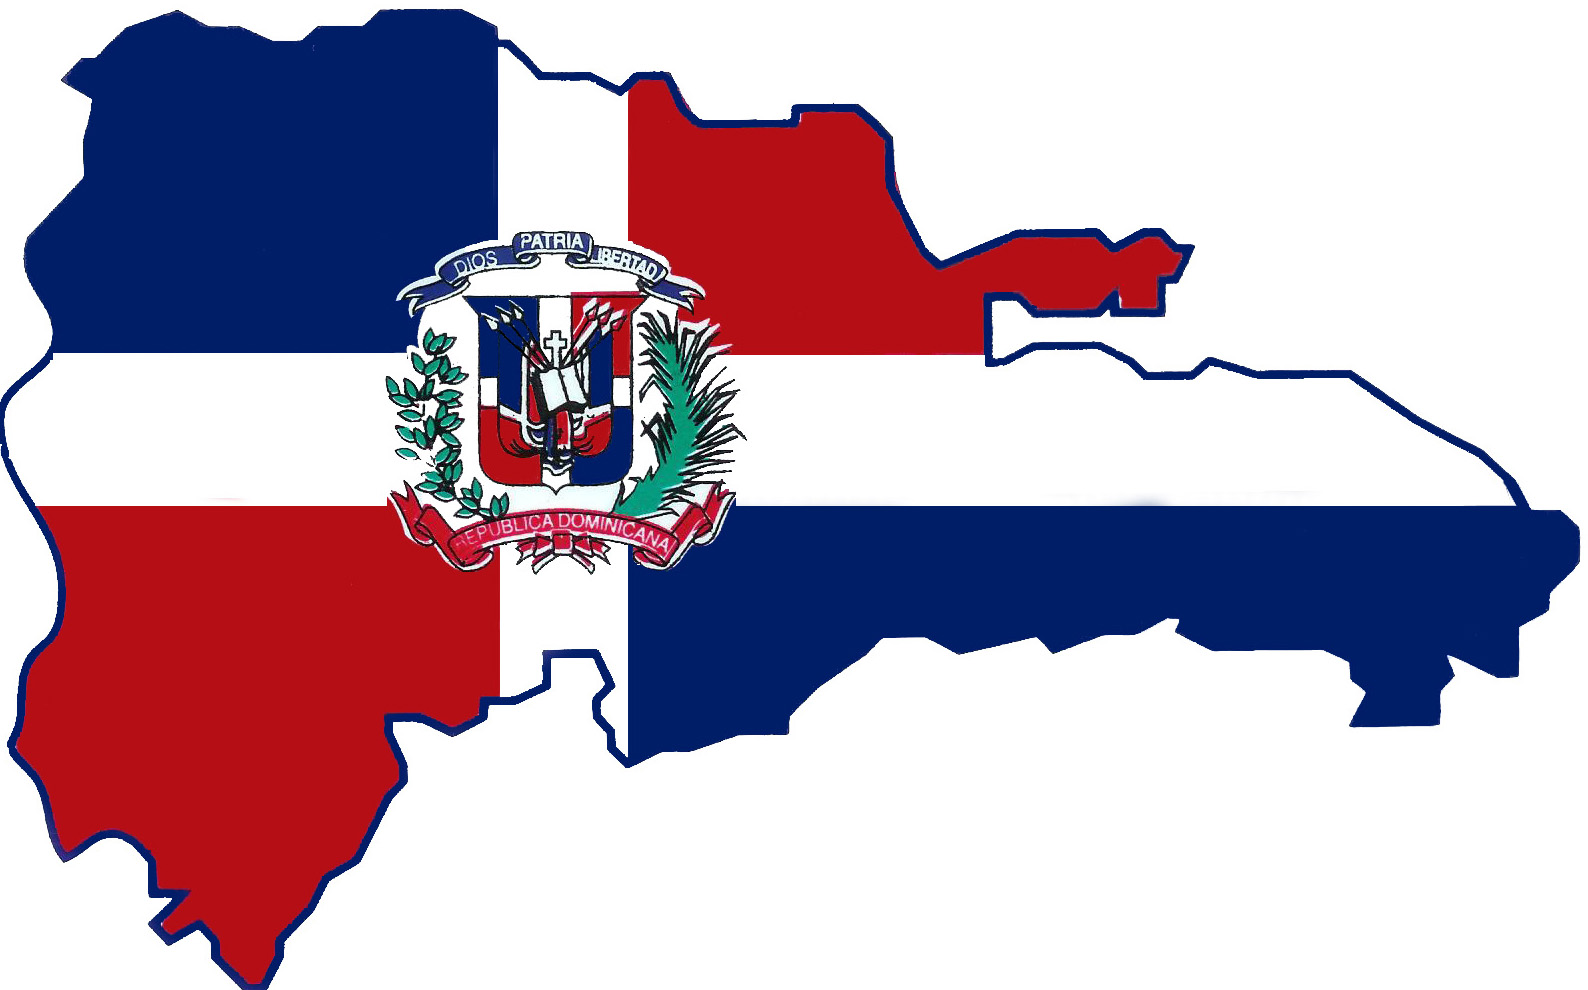 Nuesta República Dominicana